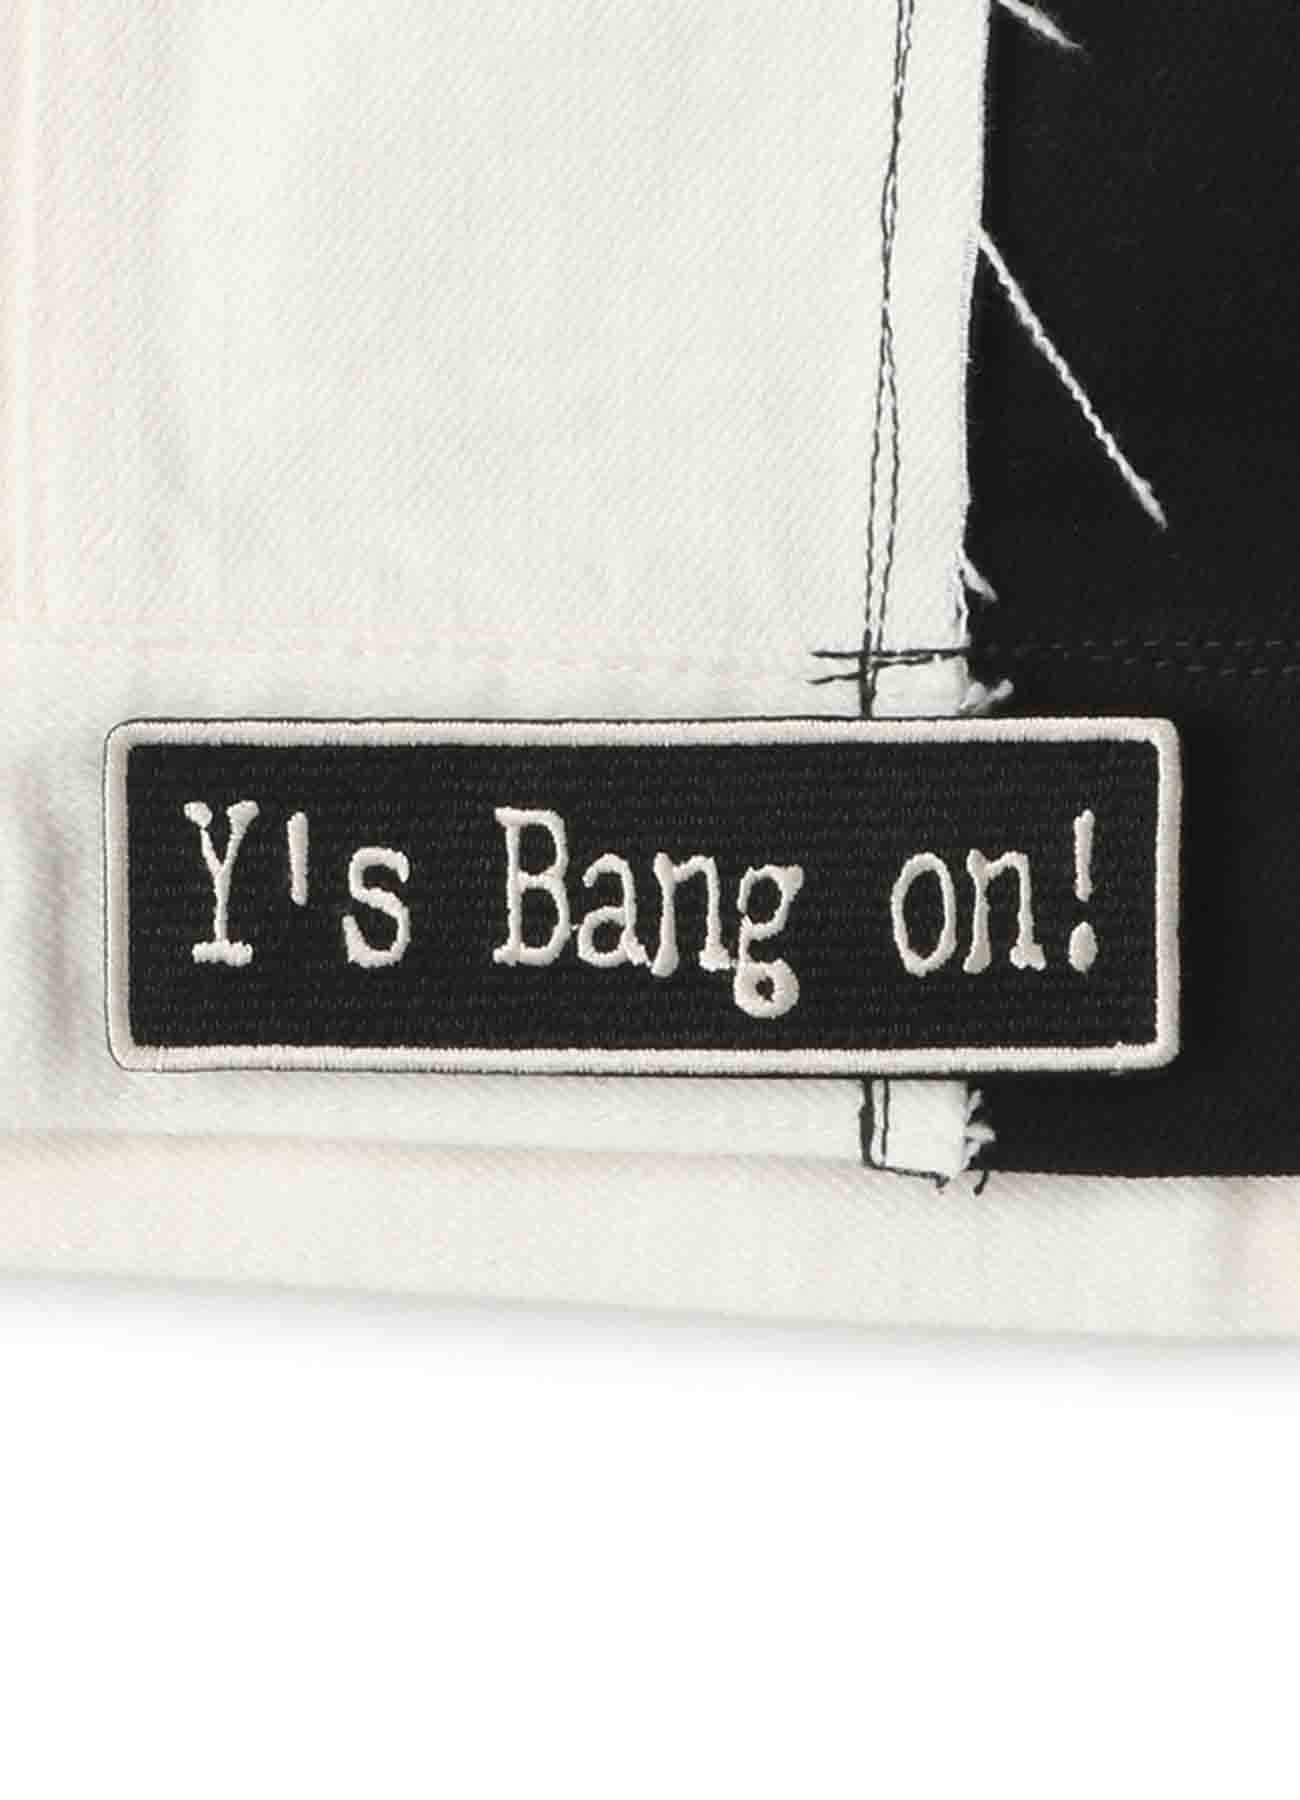 Y's 'S BANG ON!Custom G Jean